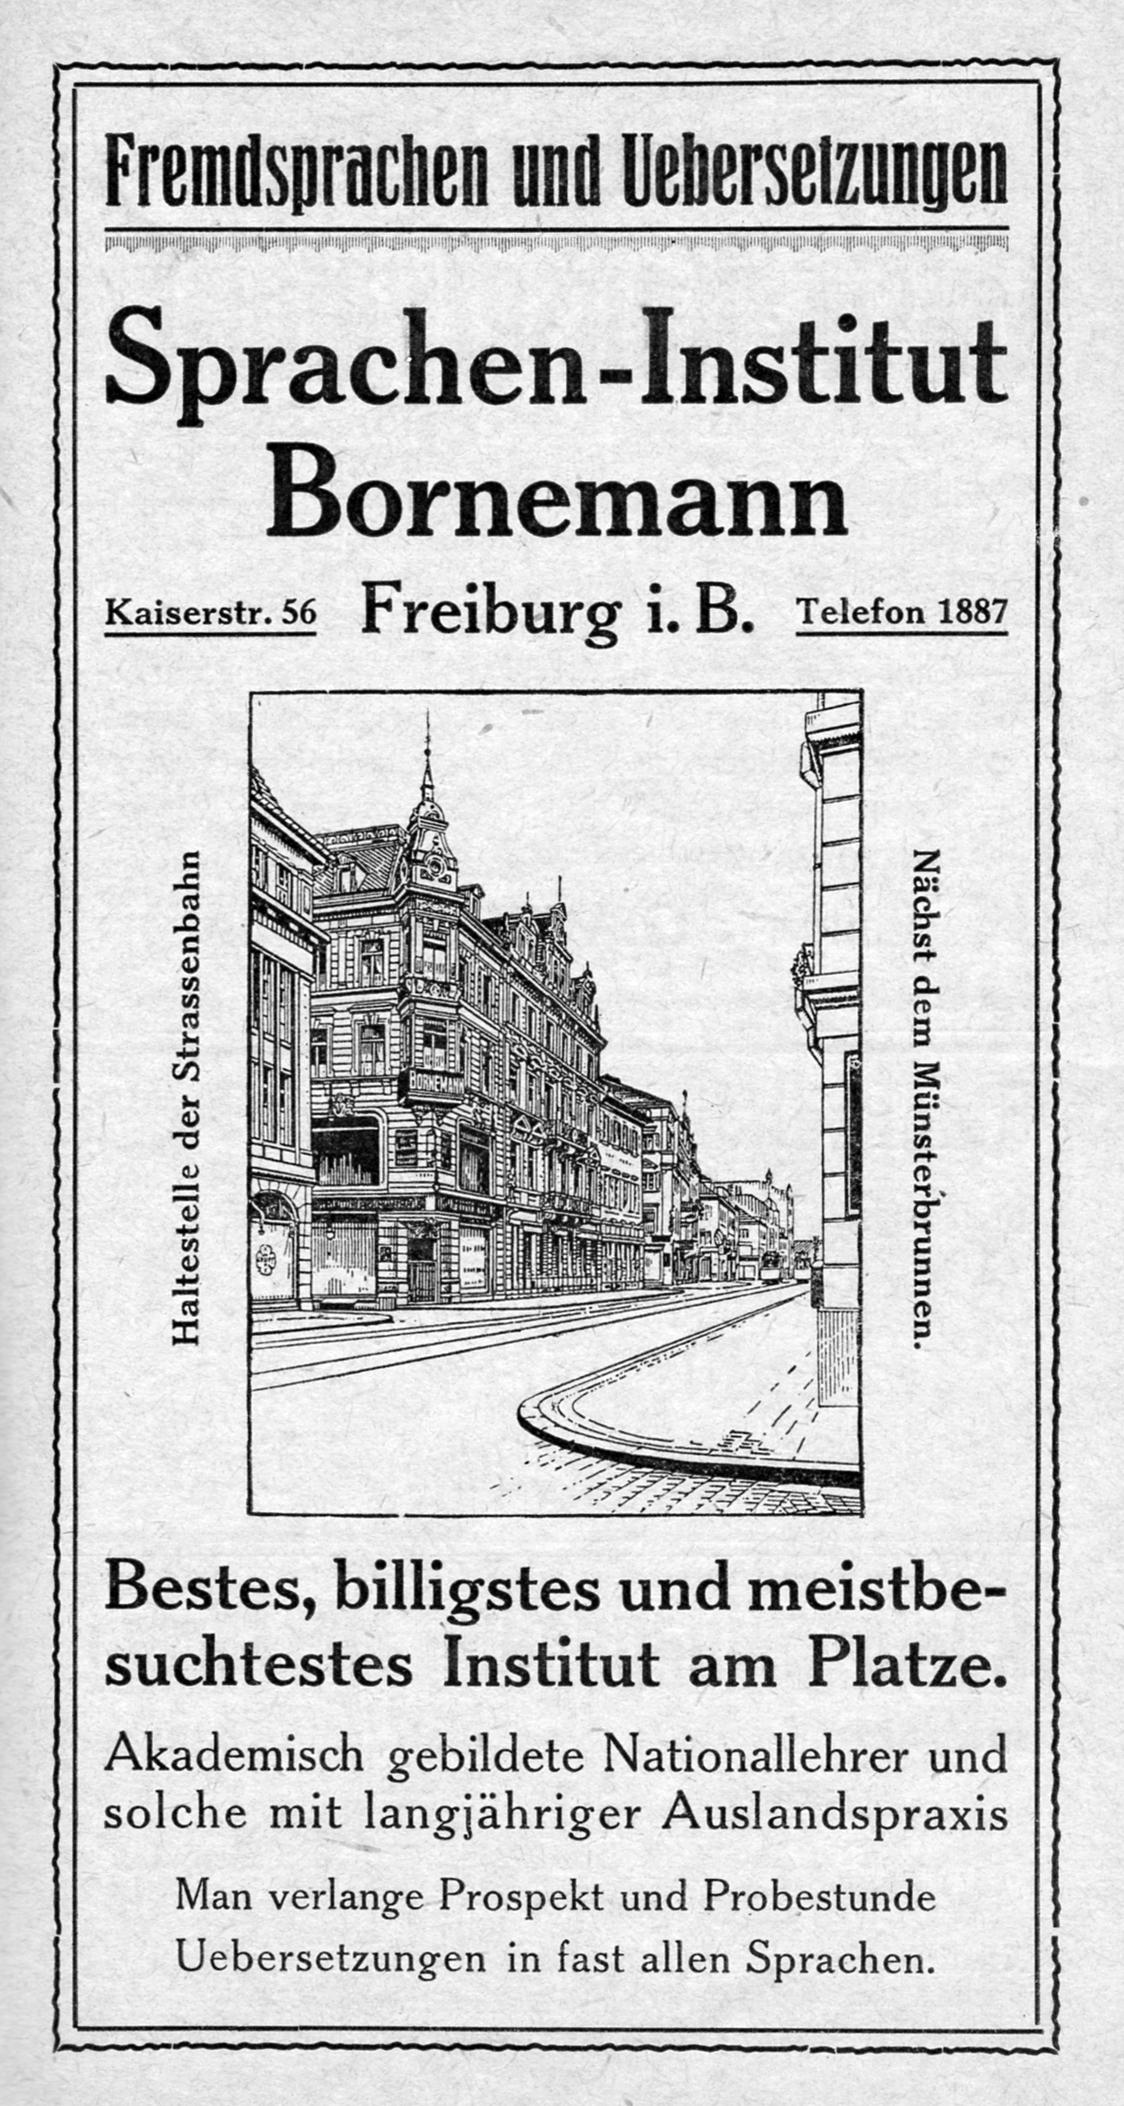 Werbeanzeige des Sprachen-Institut Bornemann Freiburg 1920er Jahre